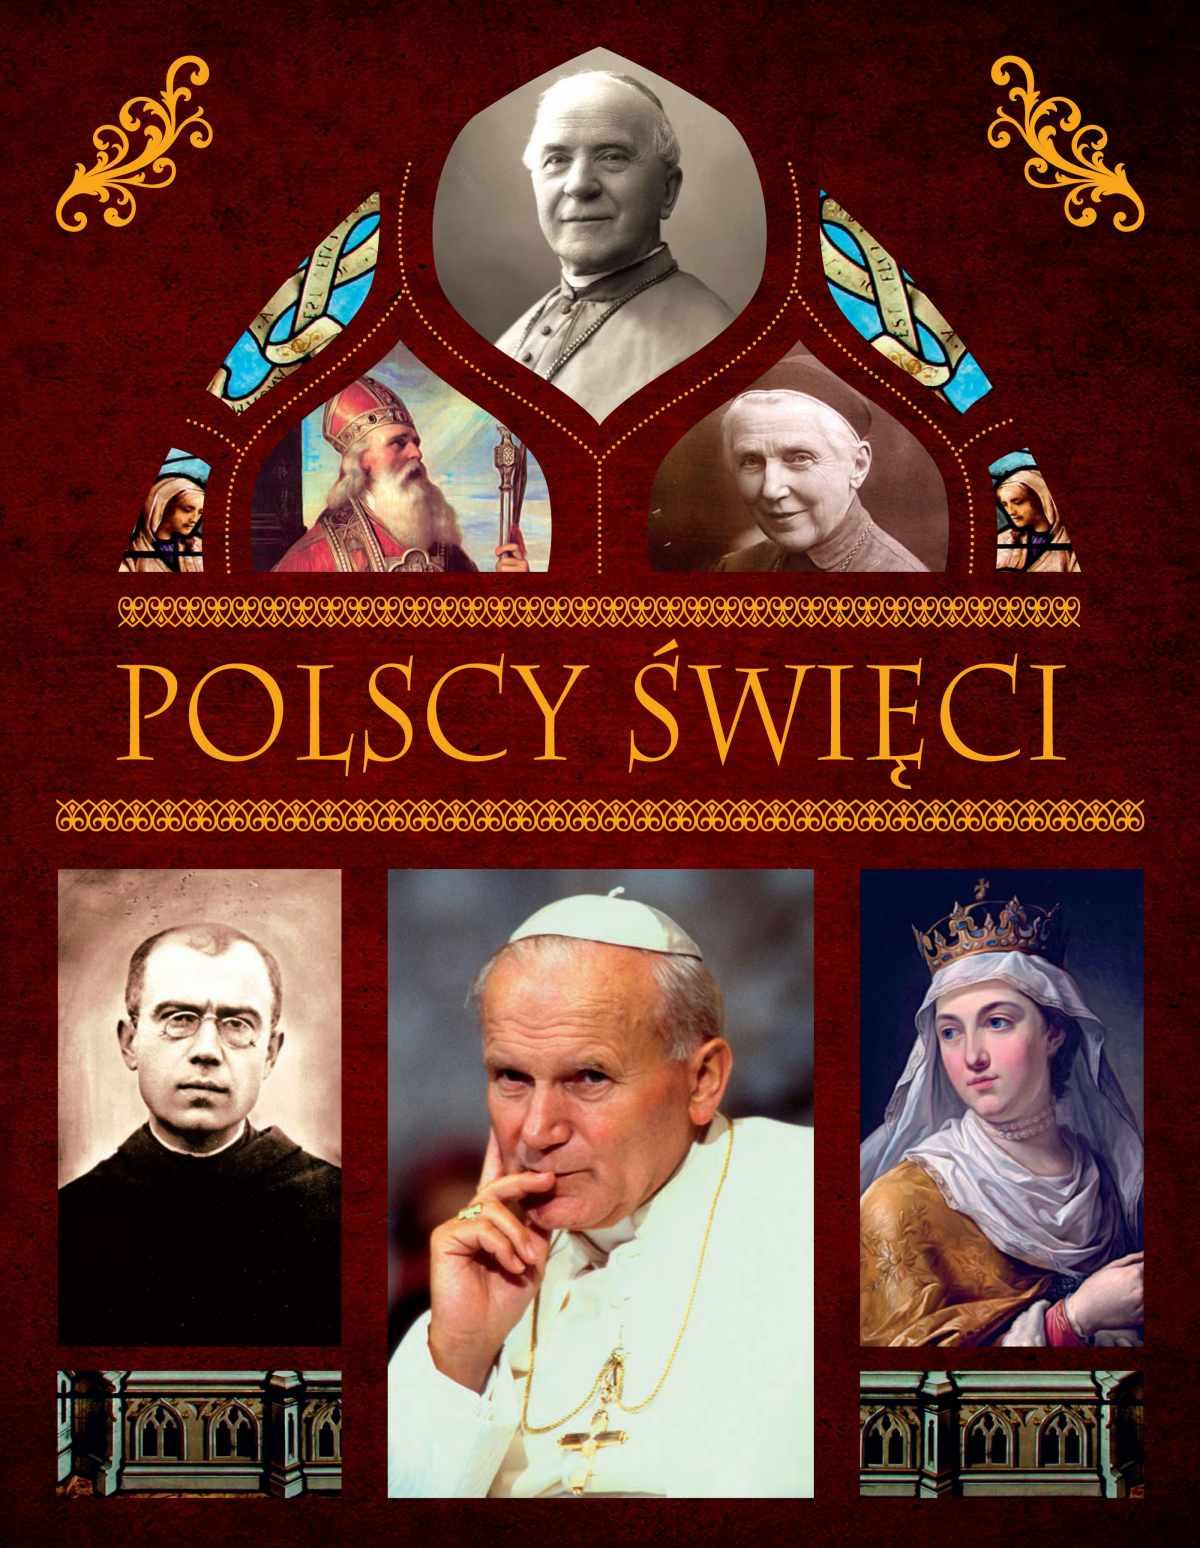 Polscy święci - Ebook (Książka PDF) do pobrania w formacie PDF